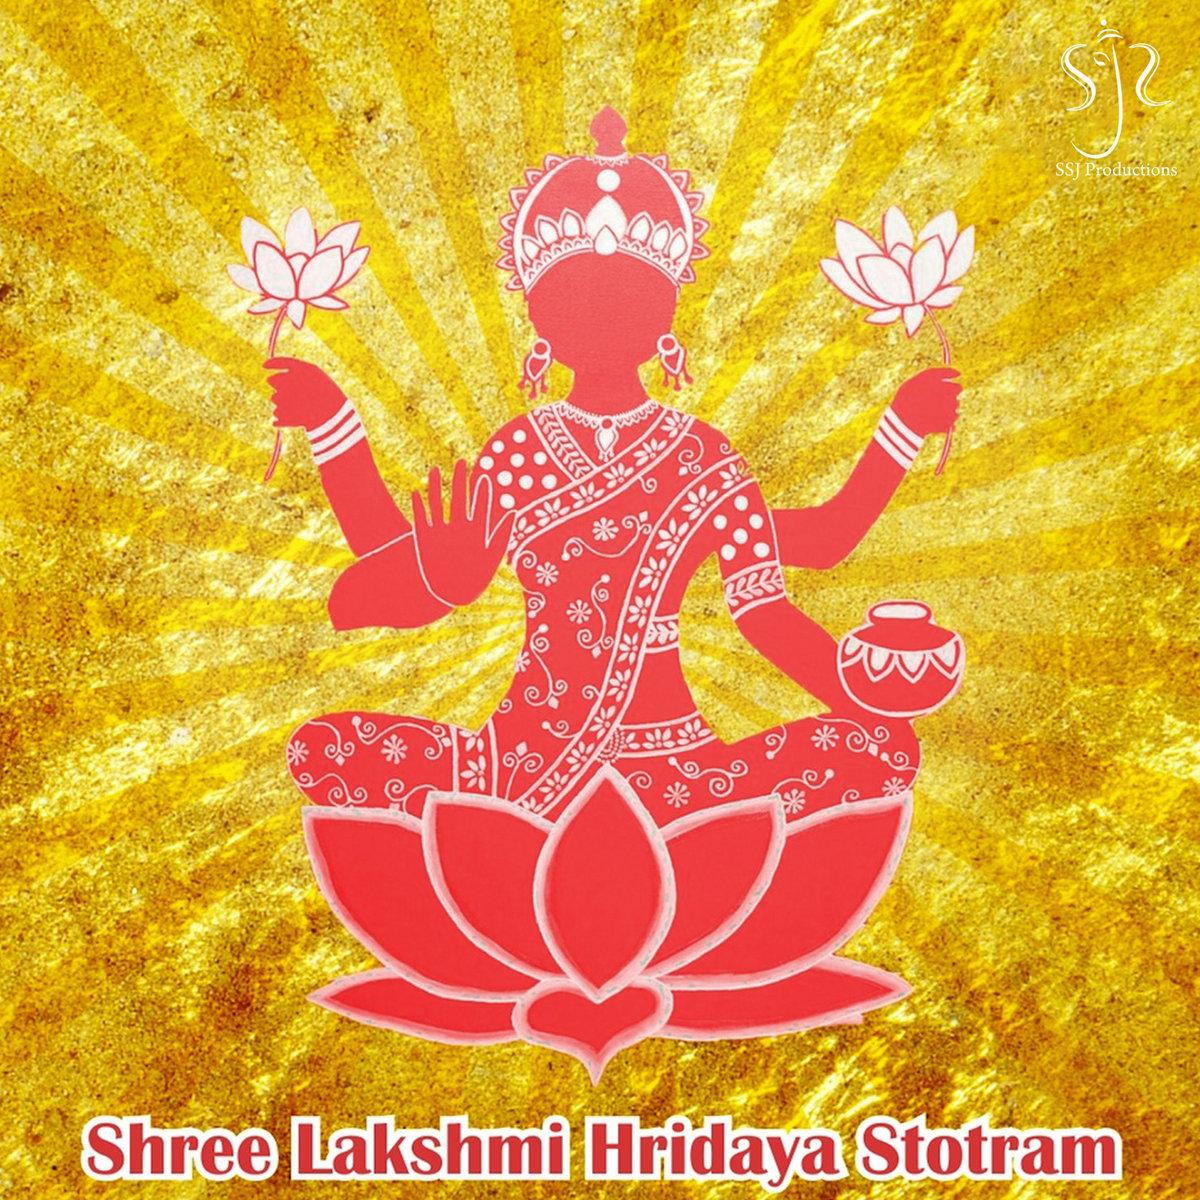 Shree Lakshmi Hridaya Stotram | SSJ Productions